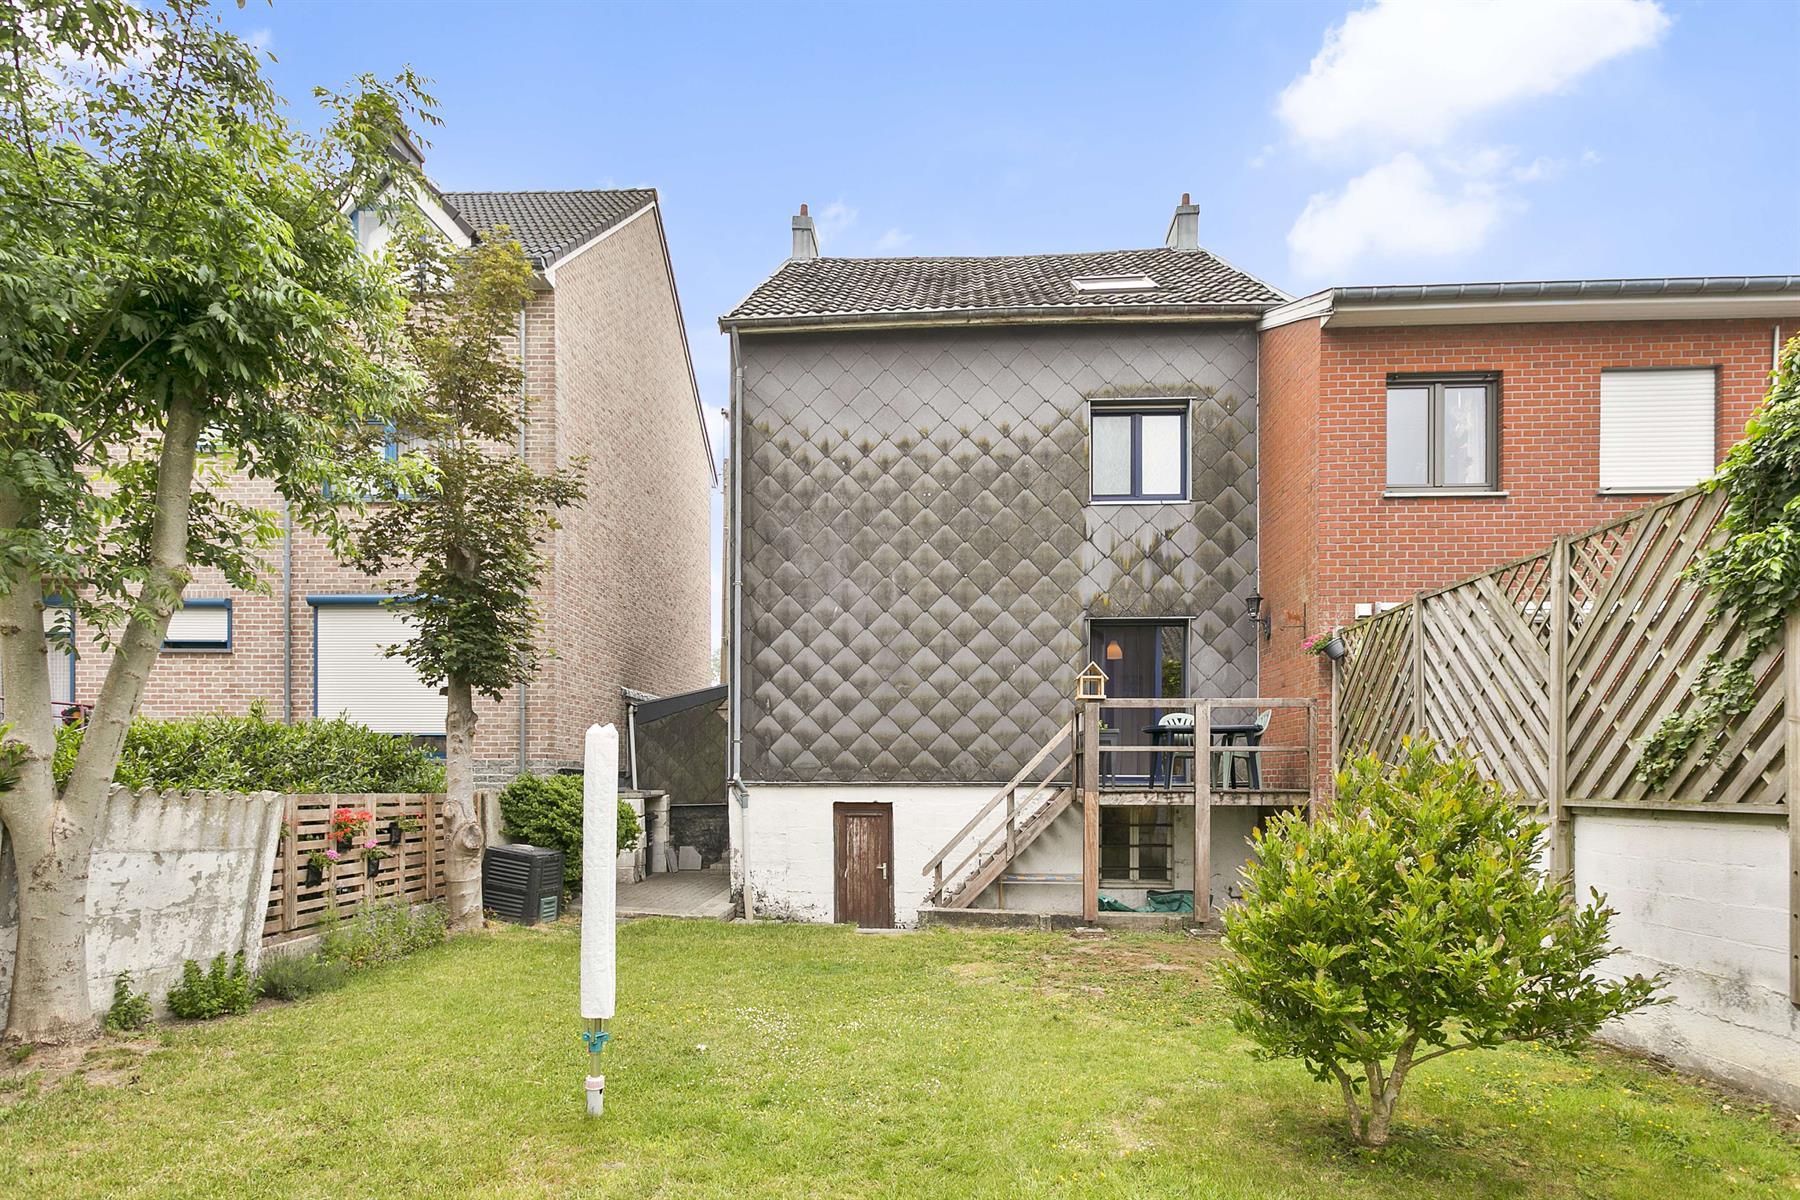 Maison - Plombières Montzen - #4040996-14